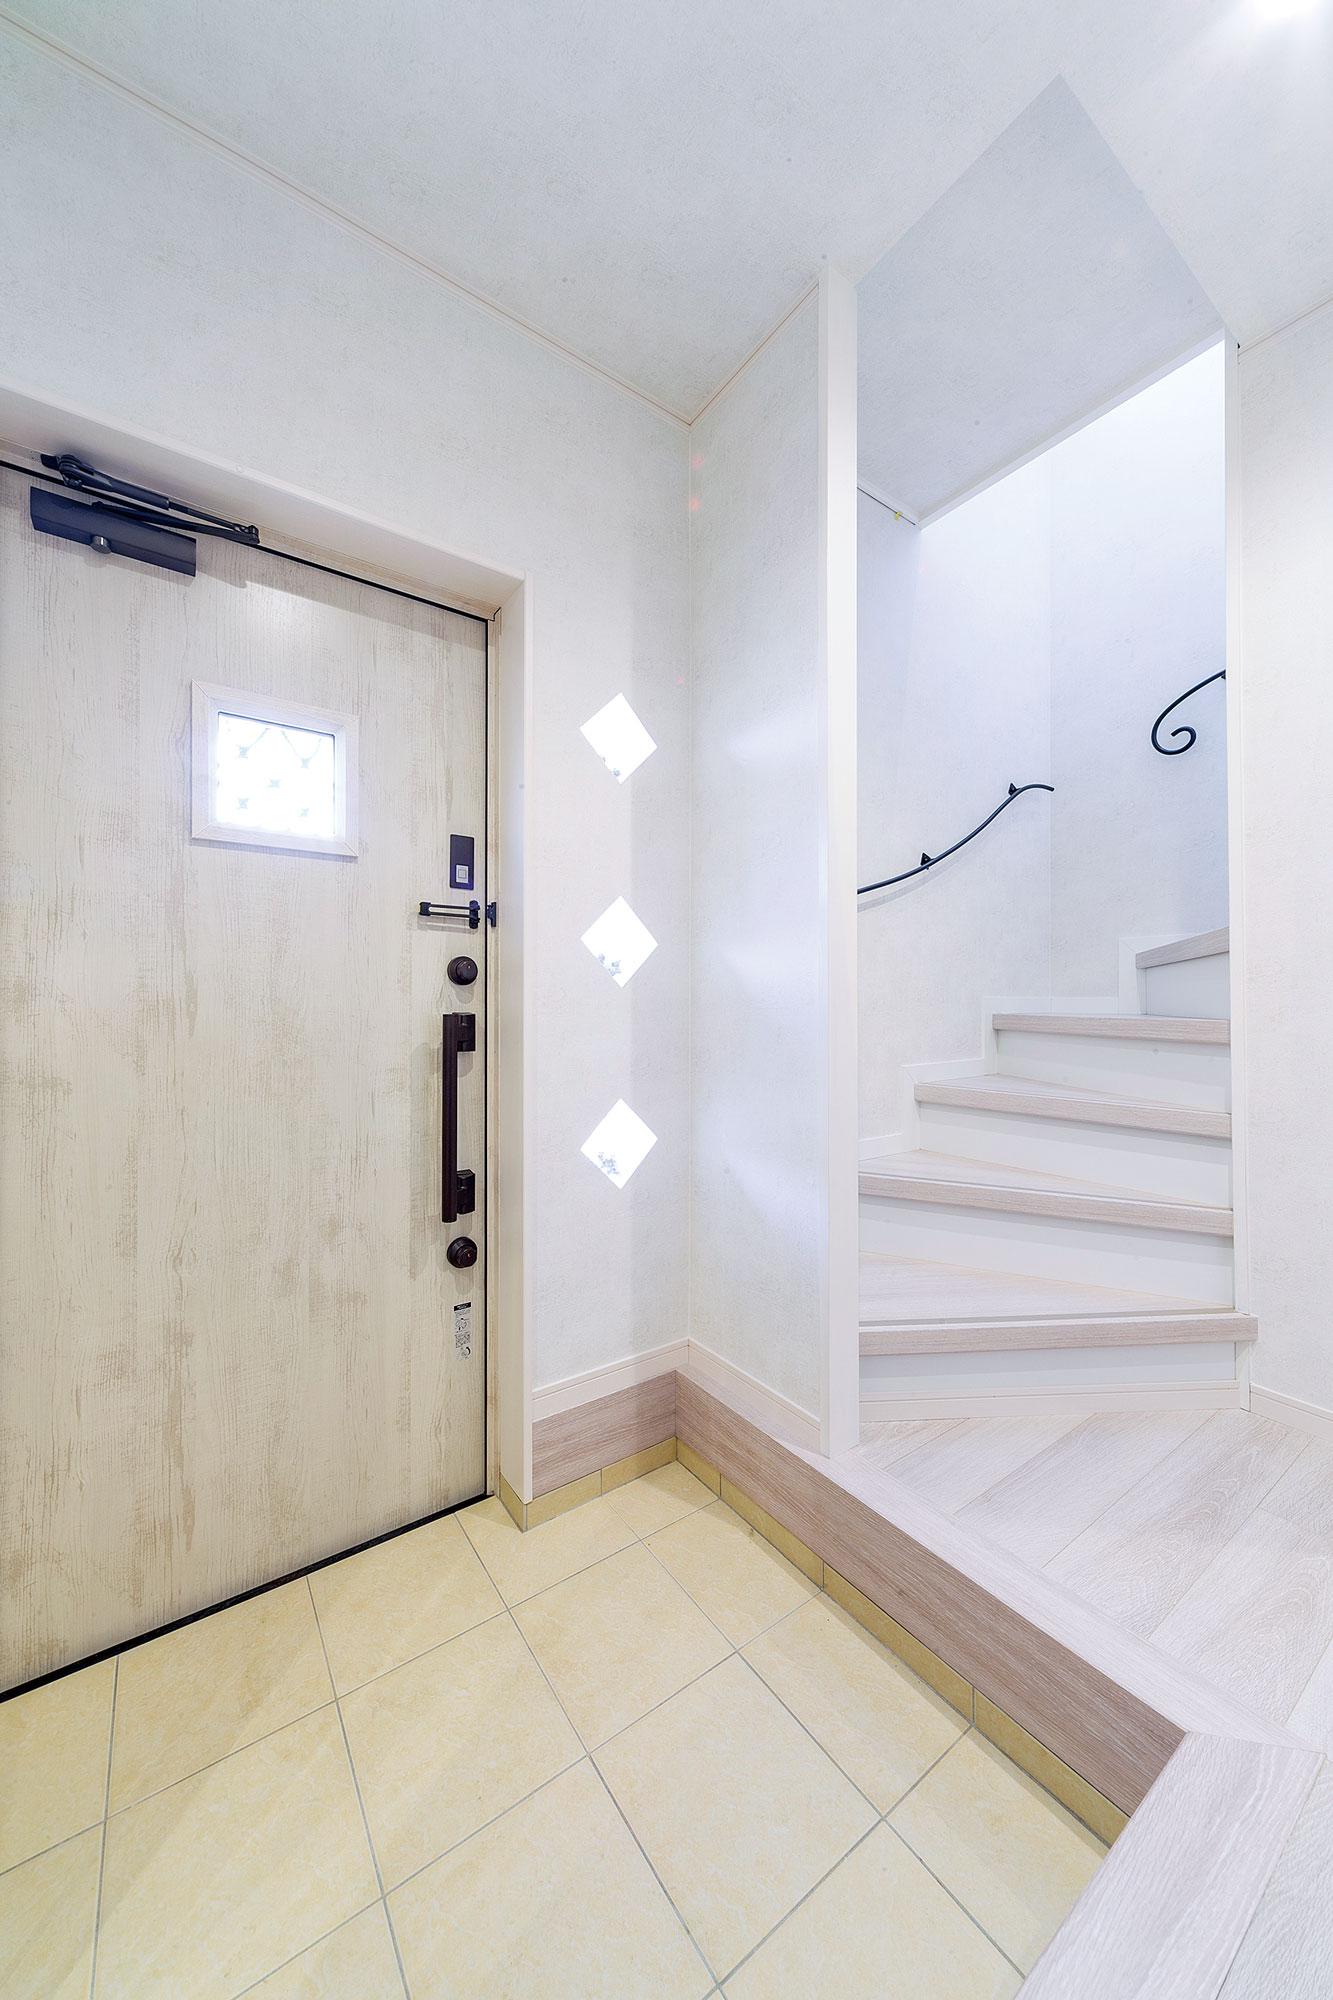 フレンチシャビー調の玄関戸、ロートアイアンの手すりなど、爽やかな印象の玄関